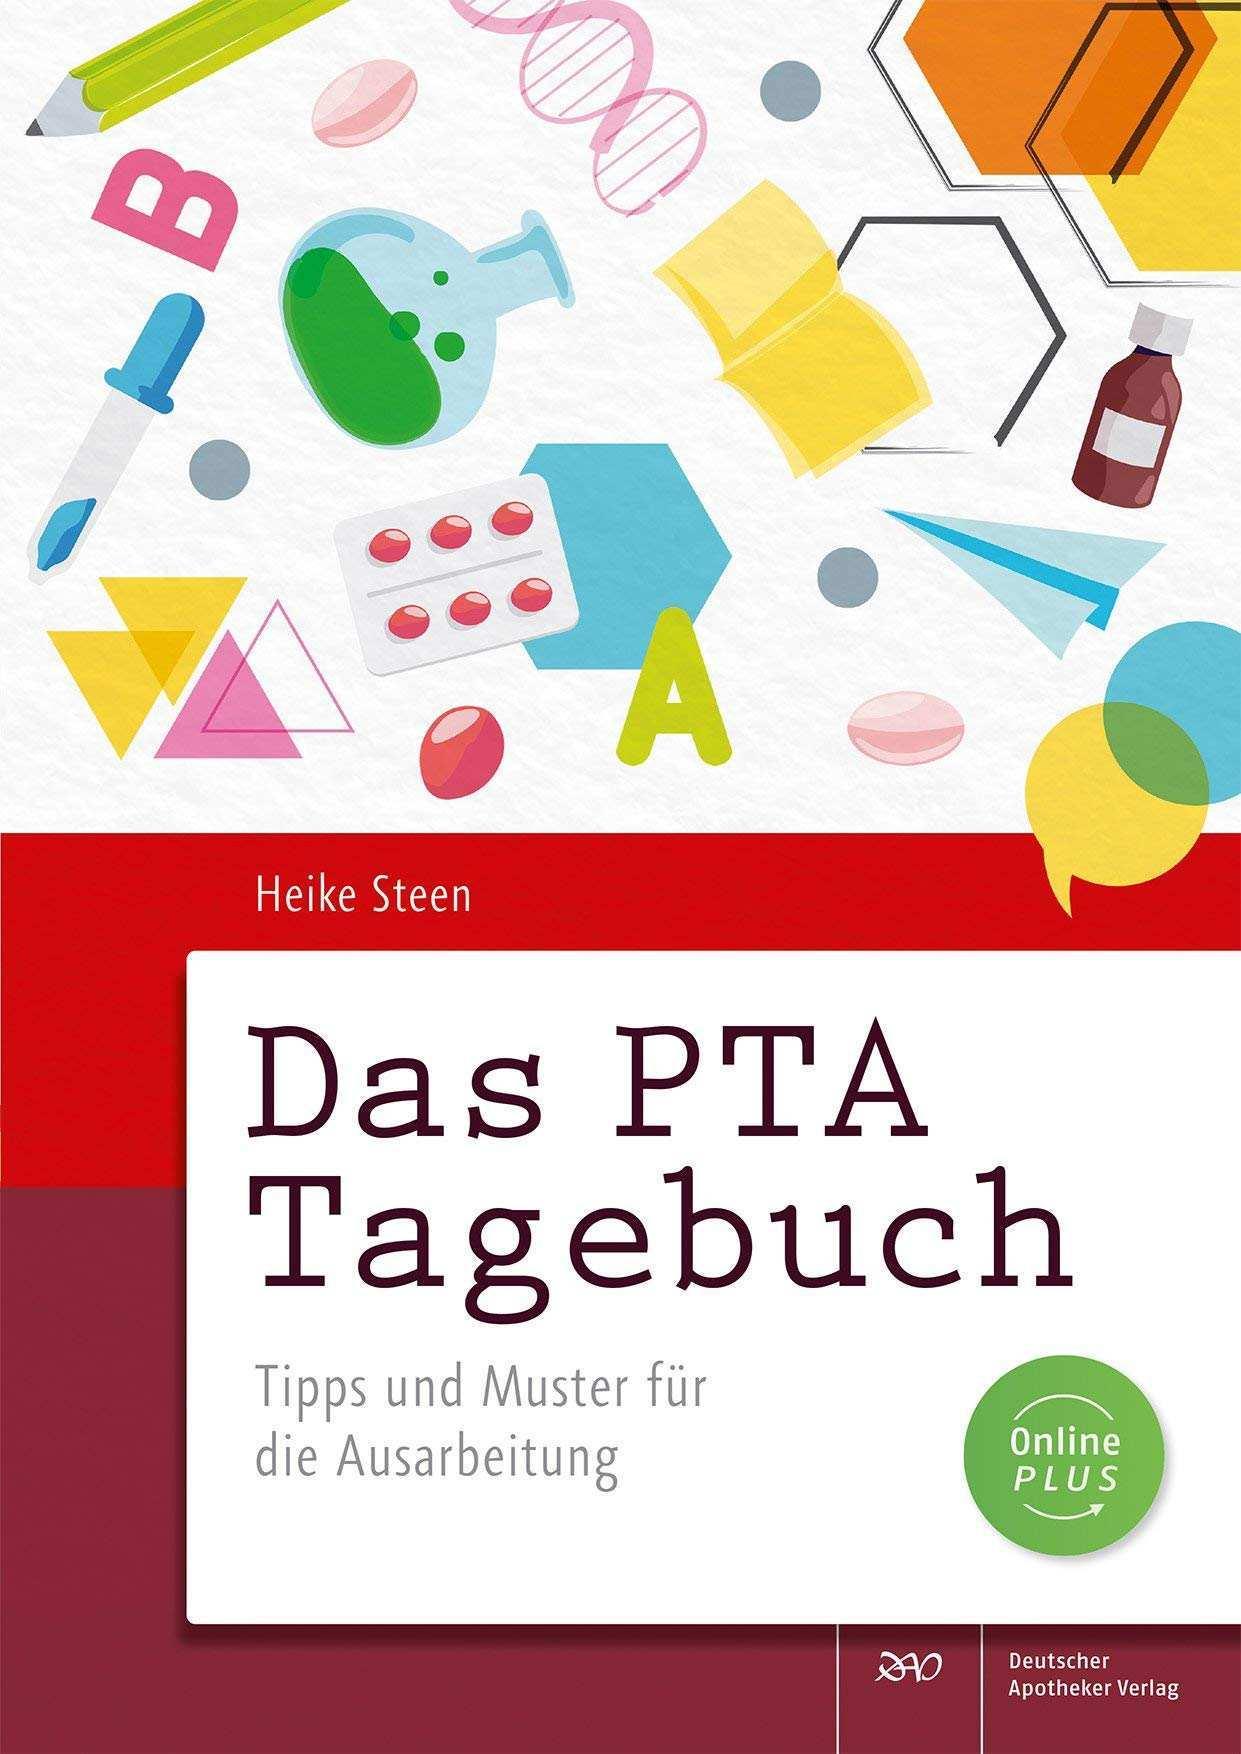 Das Pta Tagebuch Tipps Und Muster Fur Die Ausarbeitung Amazon De Steen Heike Bucher